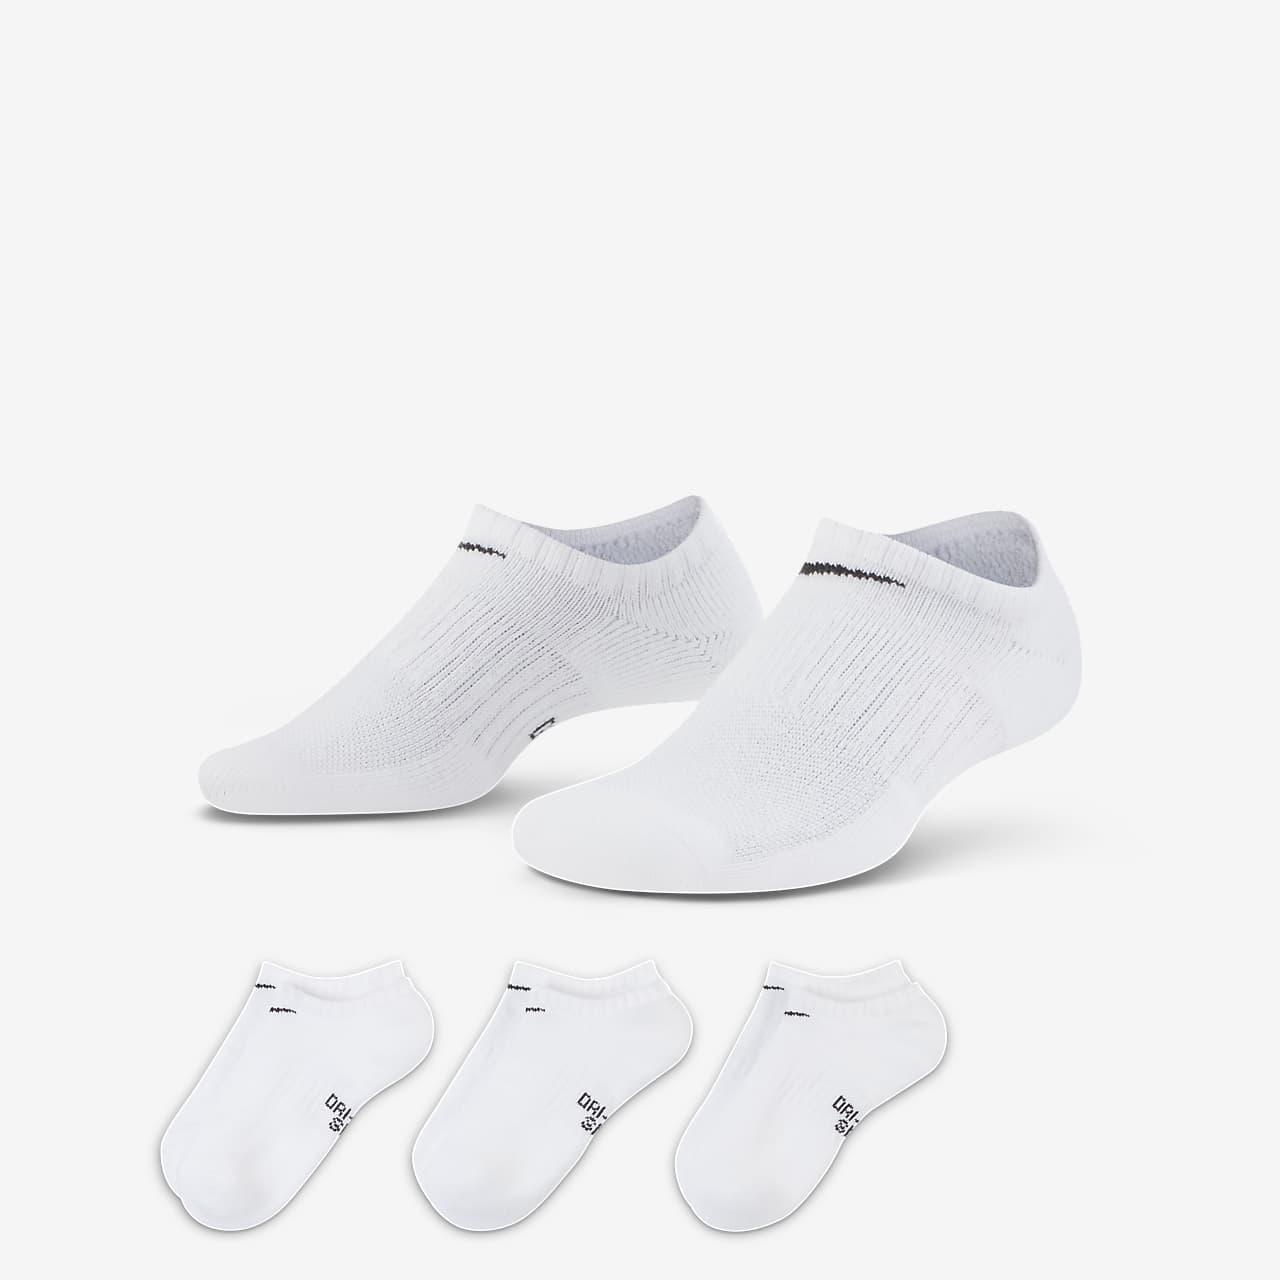 ถุงเท้าเทรนนิ่งเด็ก Nike Performance Cushioned No-Show (3 คู่)